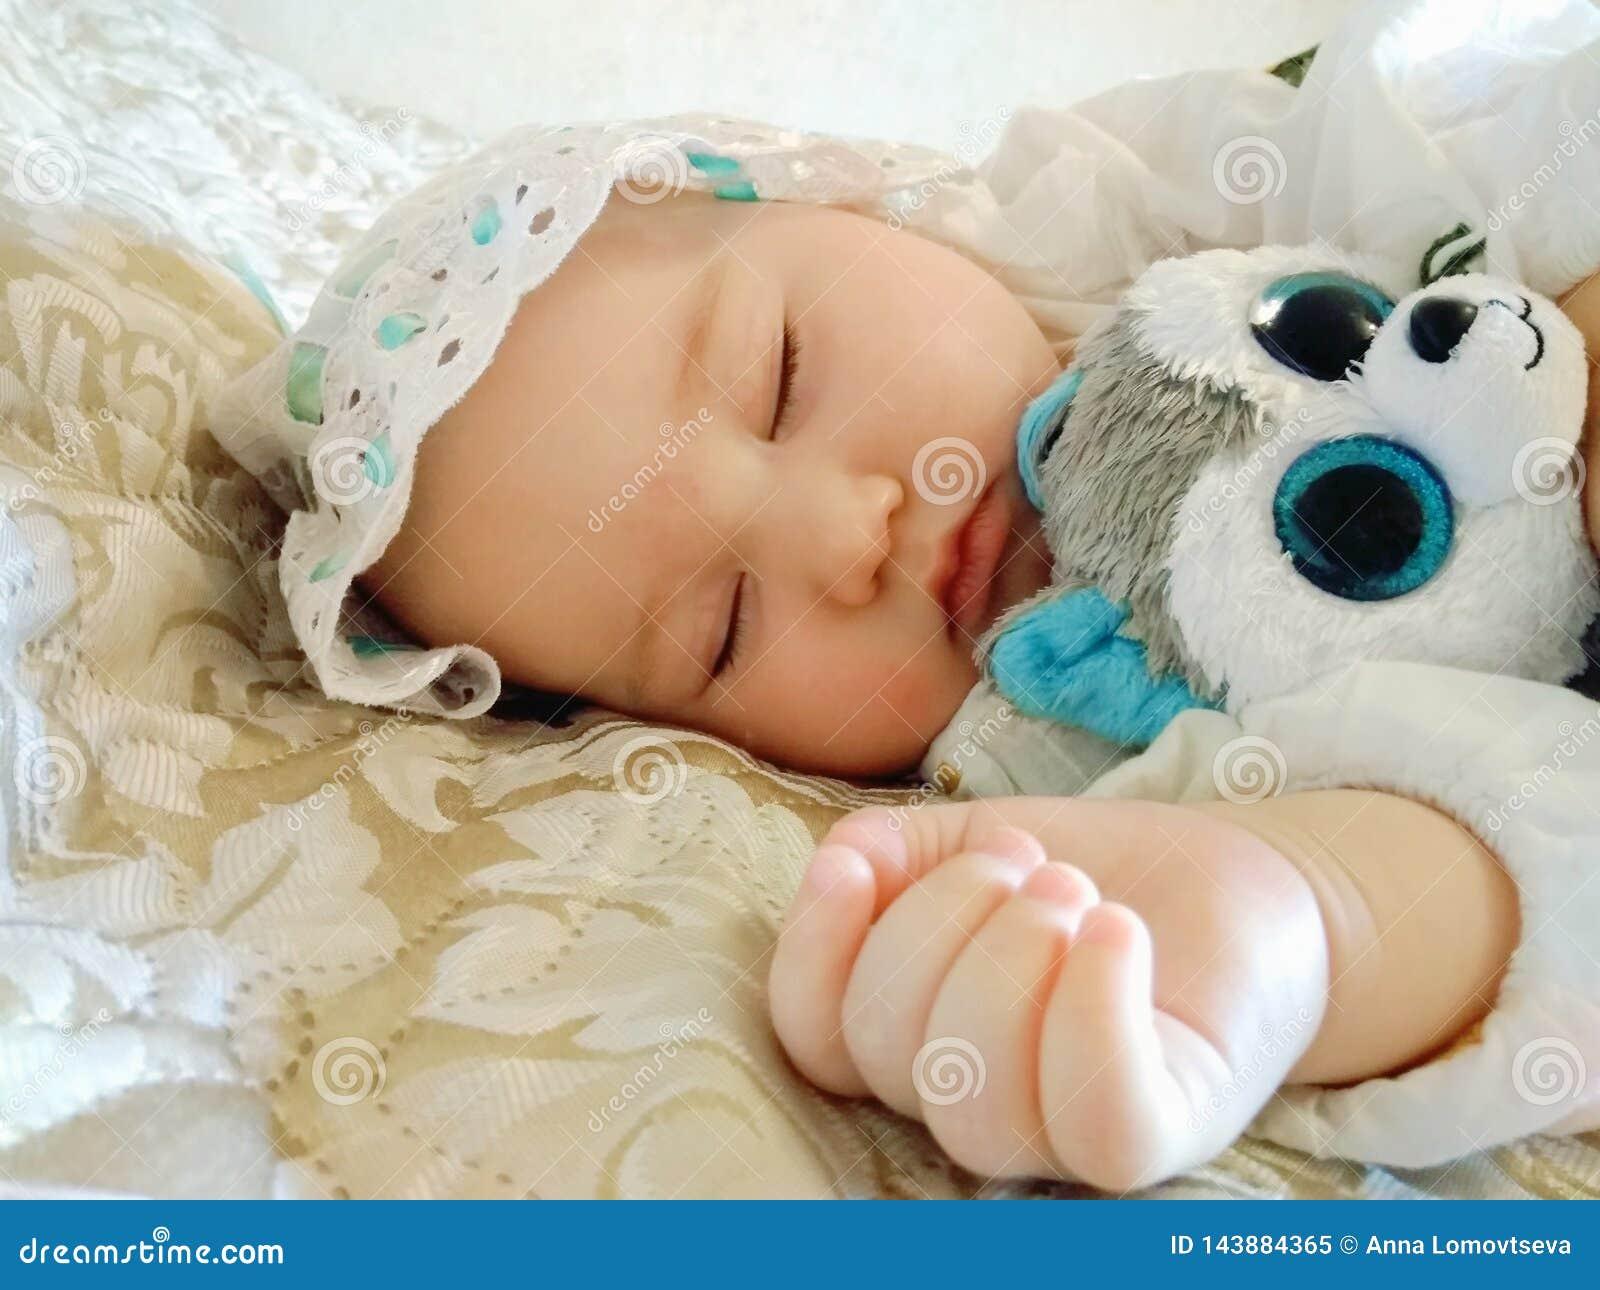 Little beautiful baby sleeps on a beige bed